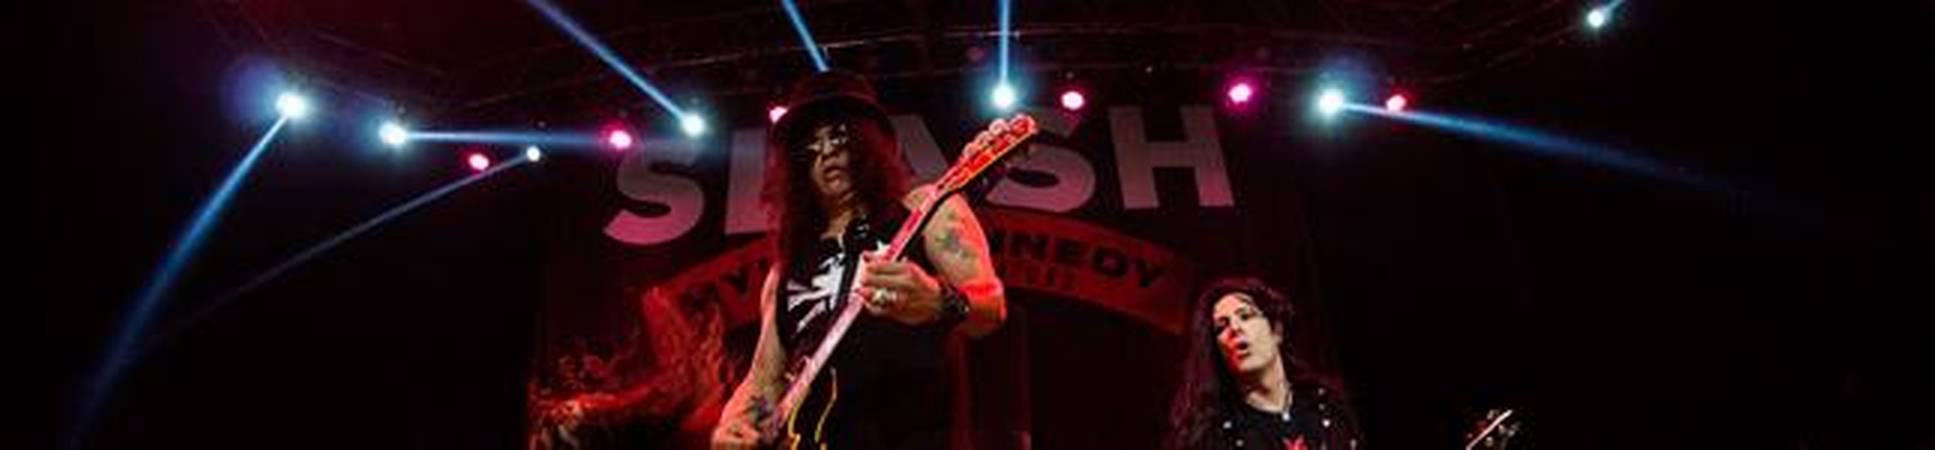 Cientos de fanáticos disfrutaron de Slash en Chile